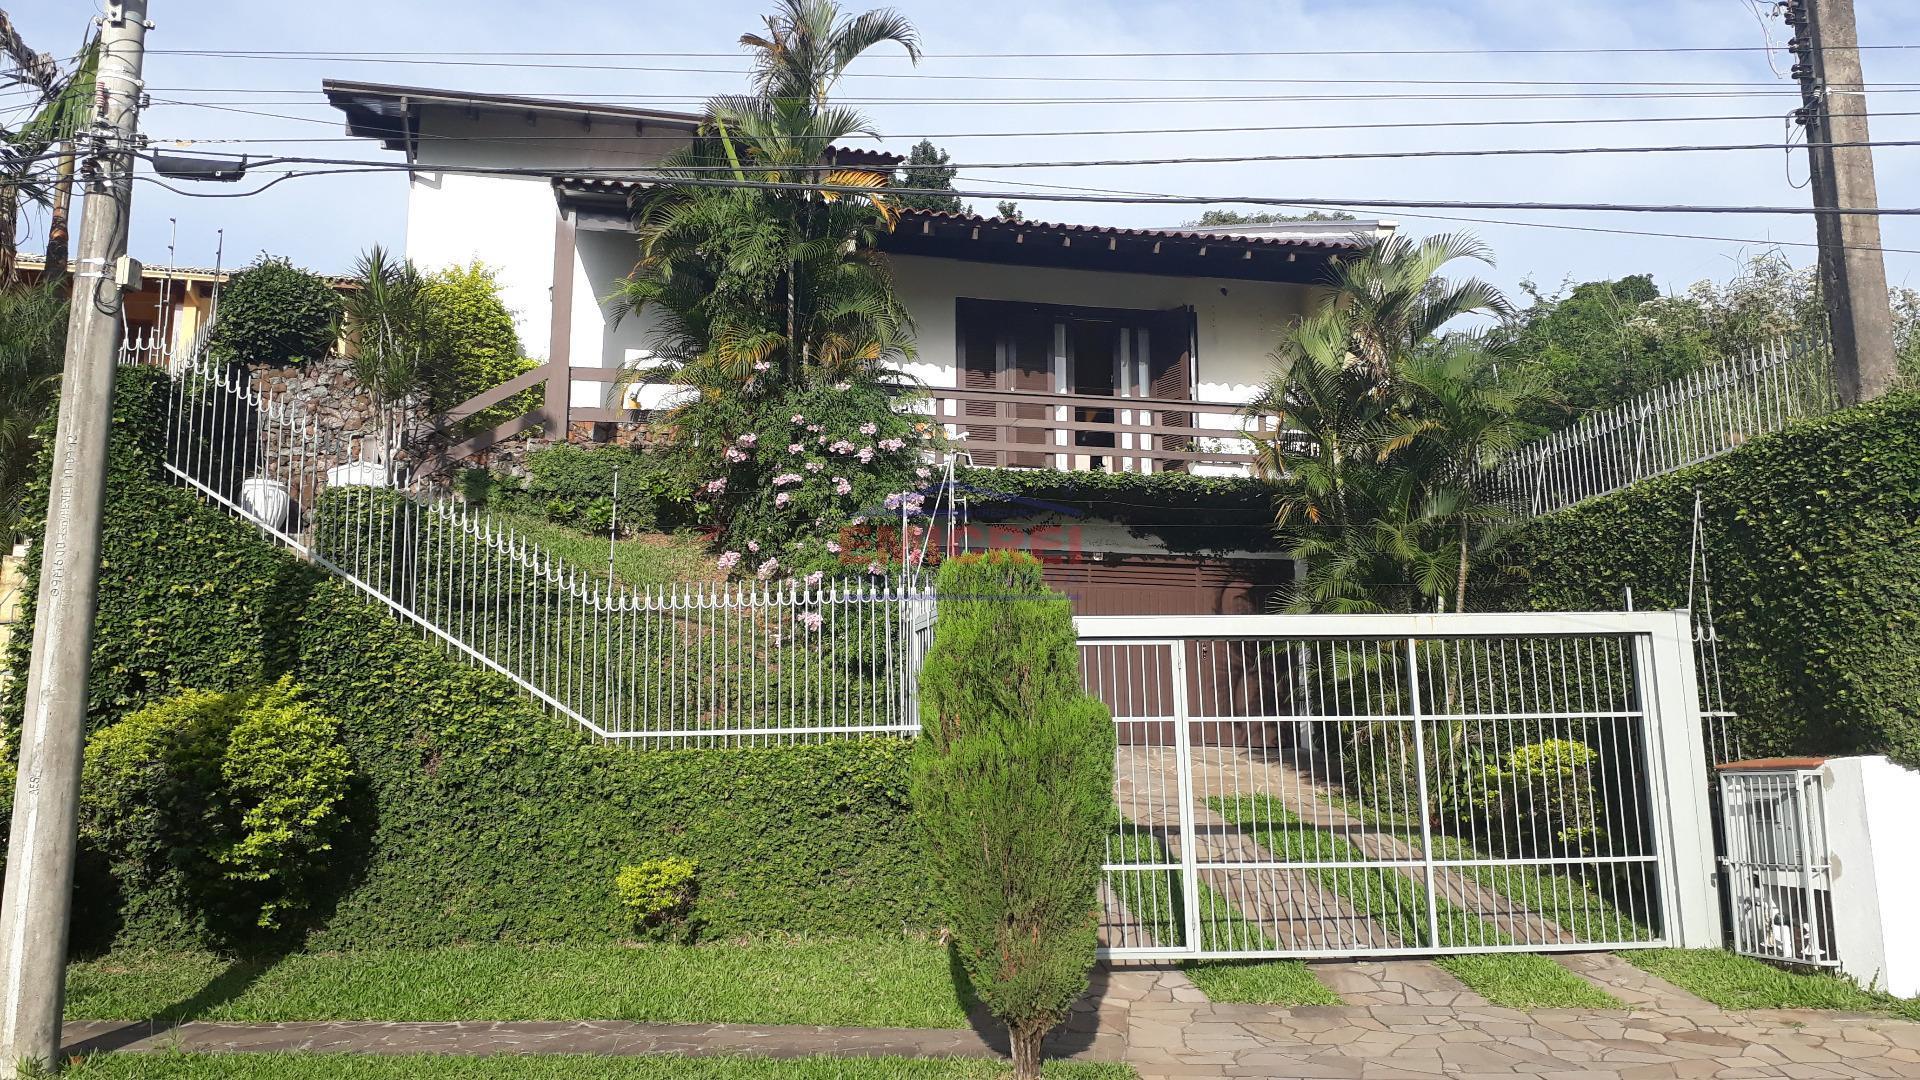 Casa Alvenaria, Pinheiros, São Leopoldo, 2 dormitórios (1 suíte) sacada com vista panorâmica, varanda e pátio gramado